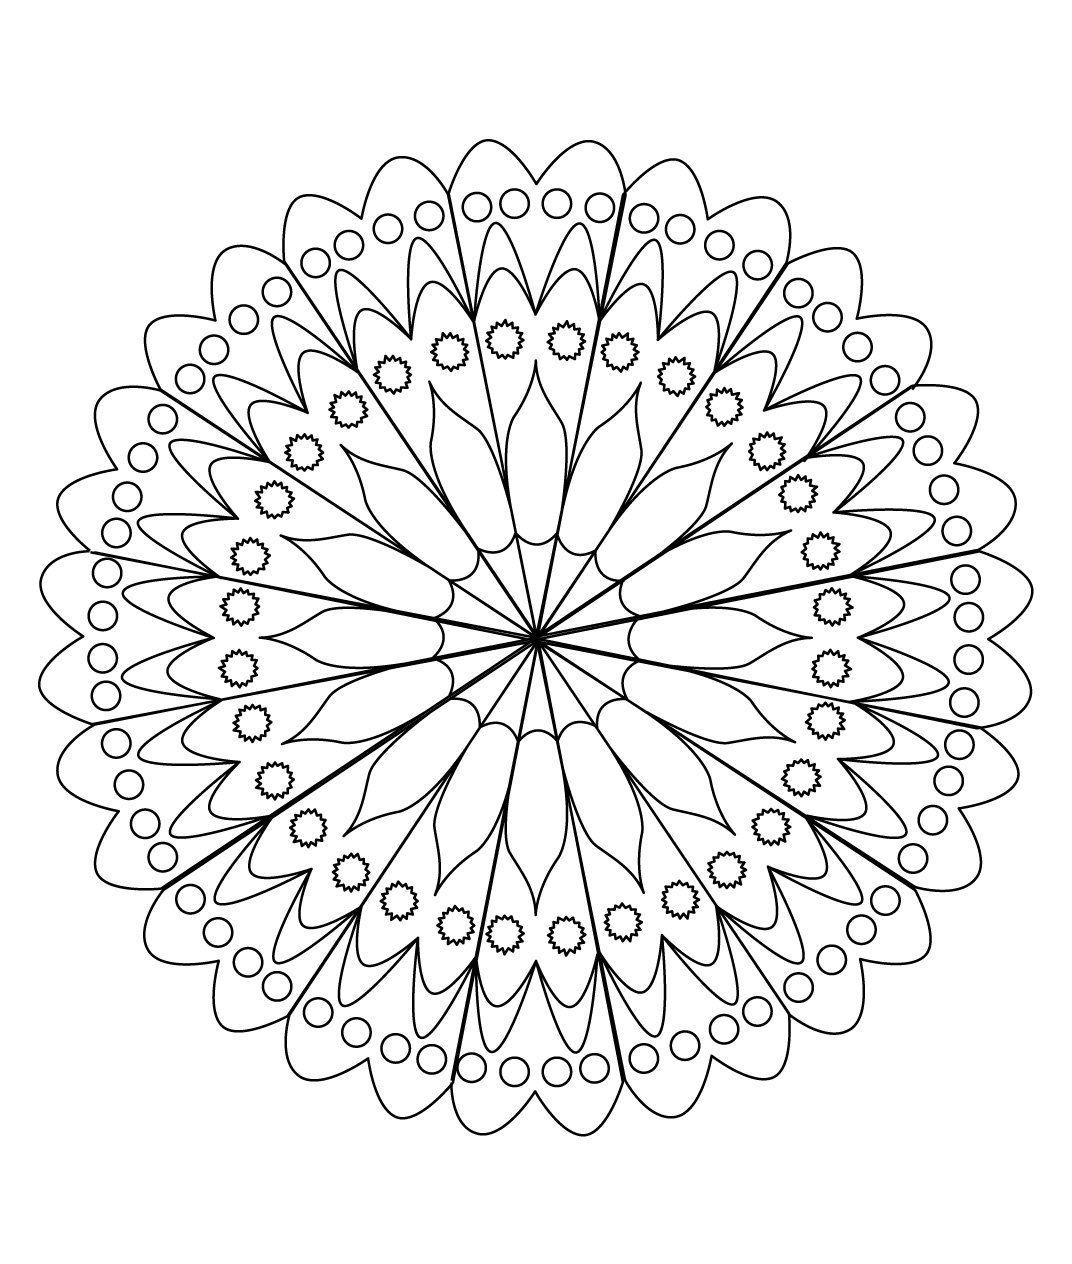 Stci coloriage pour adultes et enfants mandalas mandalas coloring pages pinterest adult - Dessin mandela ...